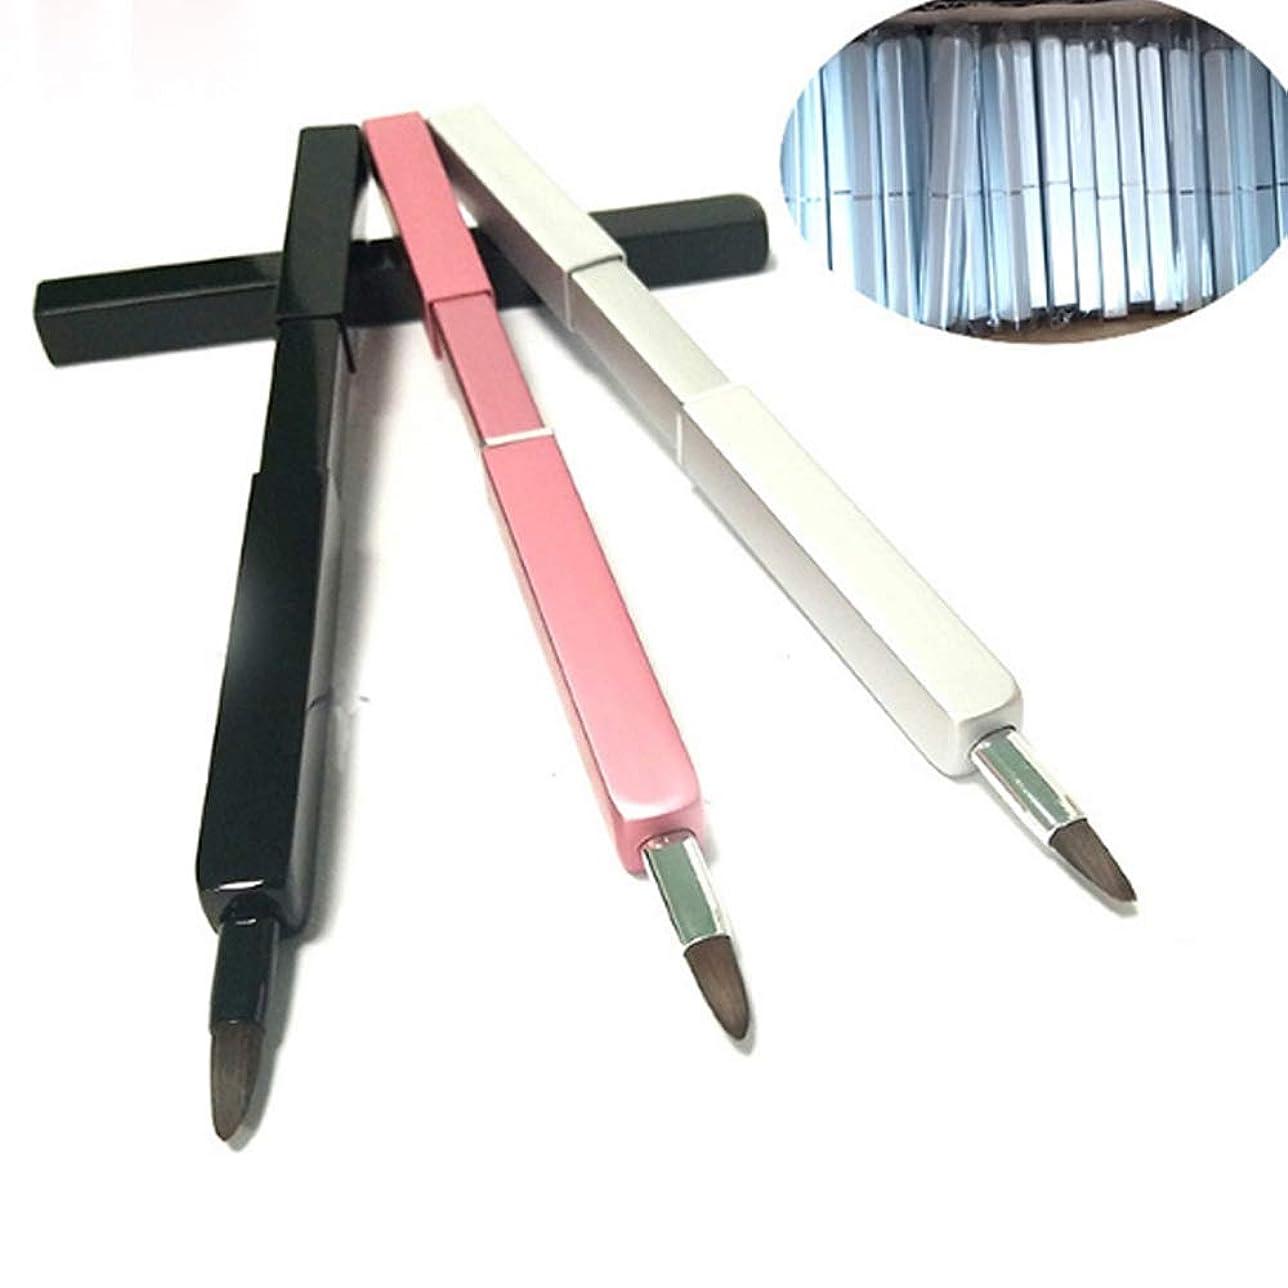 法的ルート靴下Cangad リップブラシ 化粧筆 伸縮可能 持ち運び便利 メリハリの立体的な唇に スライド式 携帯用 (3色オプション)